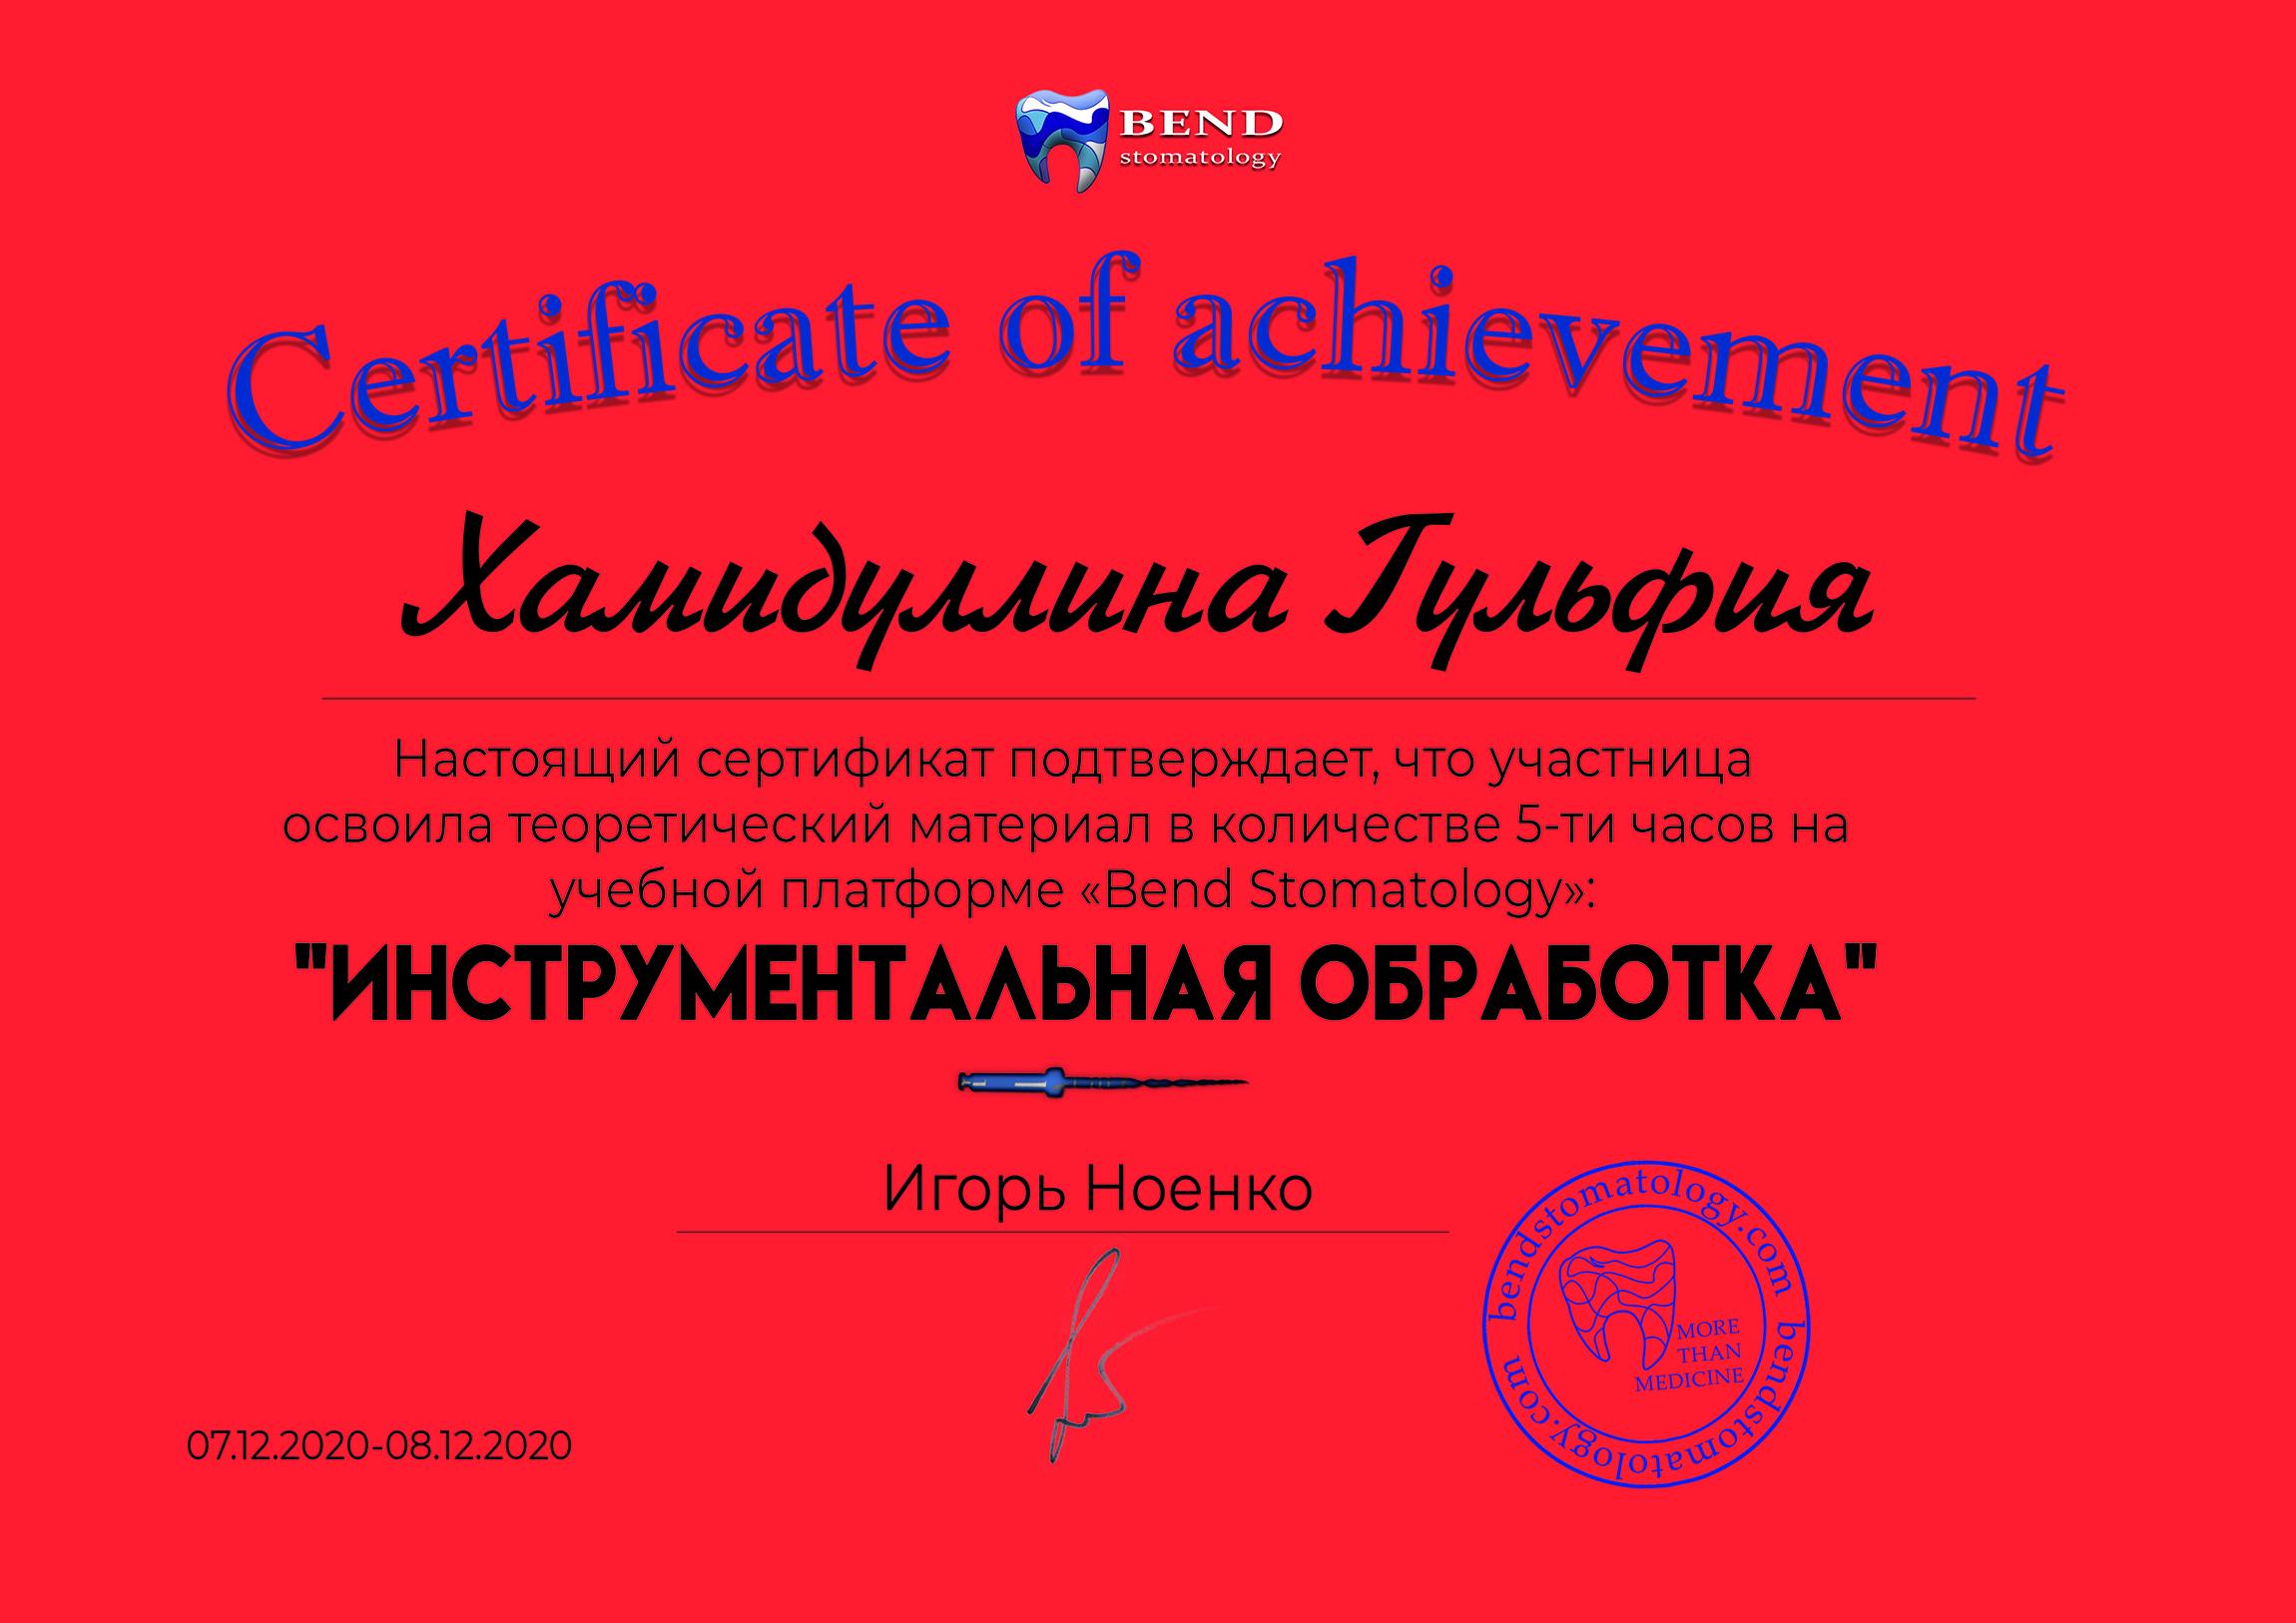 """Сертификат """"Инструментальная обработка"""", 2020г"""